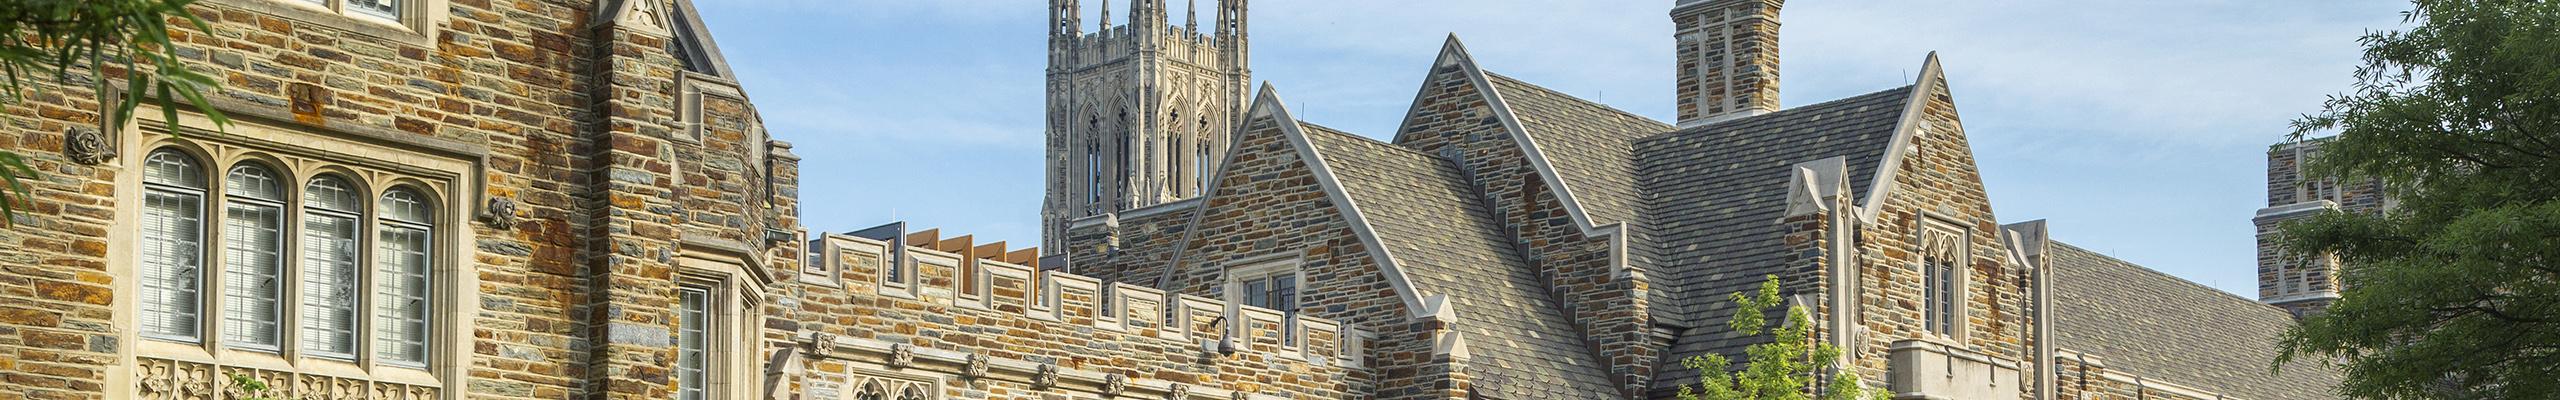 Duke West Campus architecture